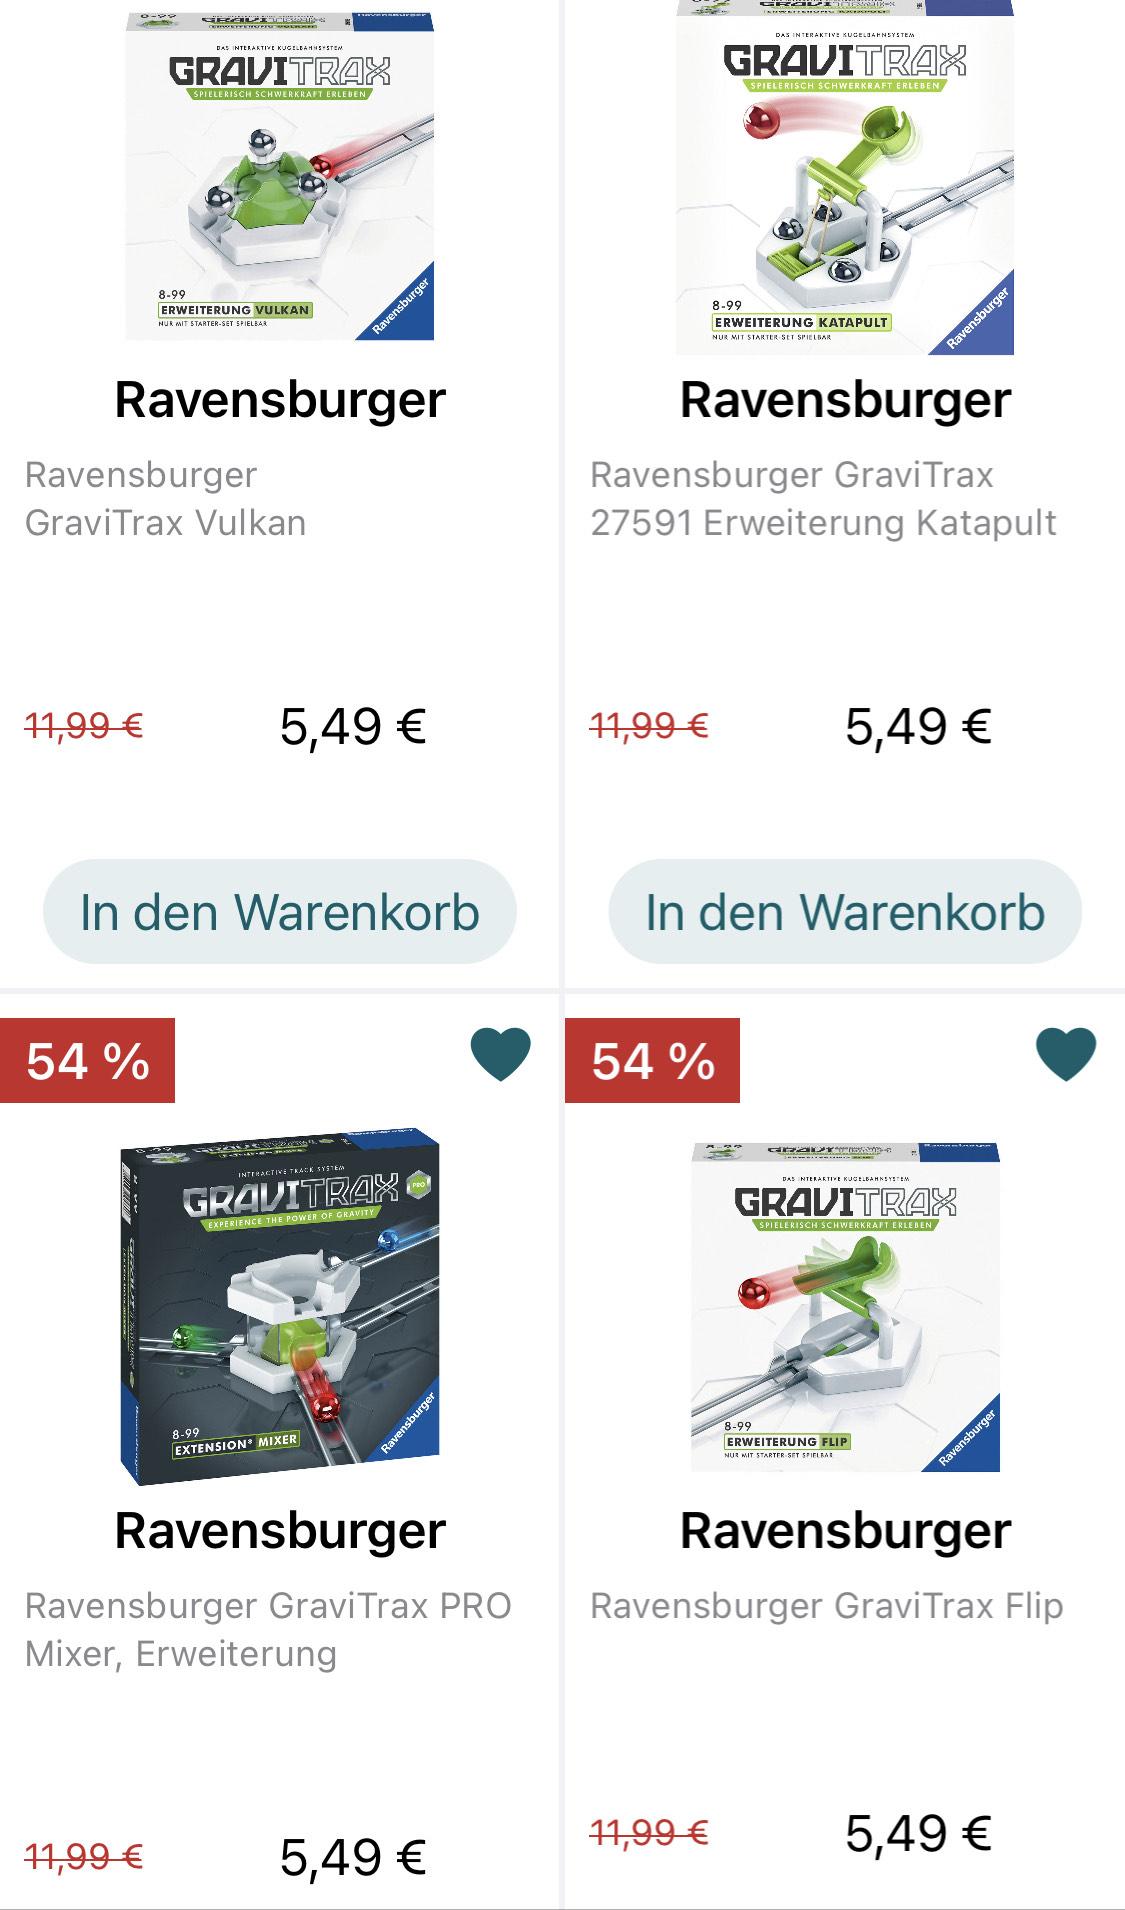 Diverse Gravitrax-Erweiterungen für 5,49 €